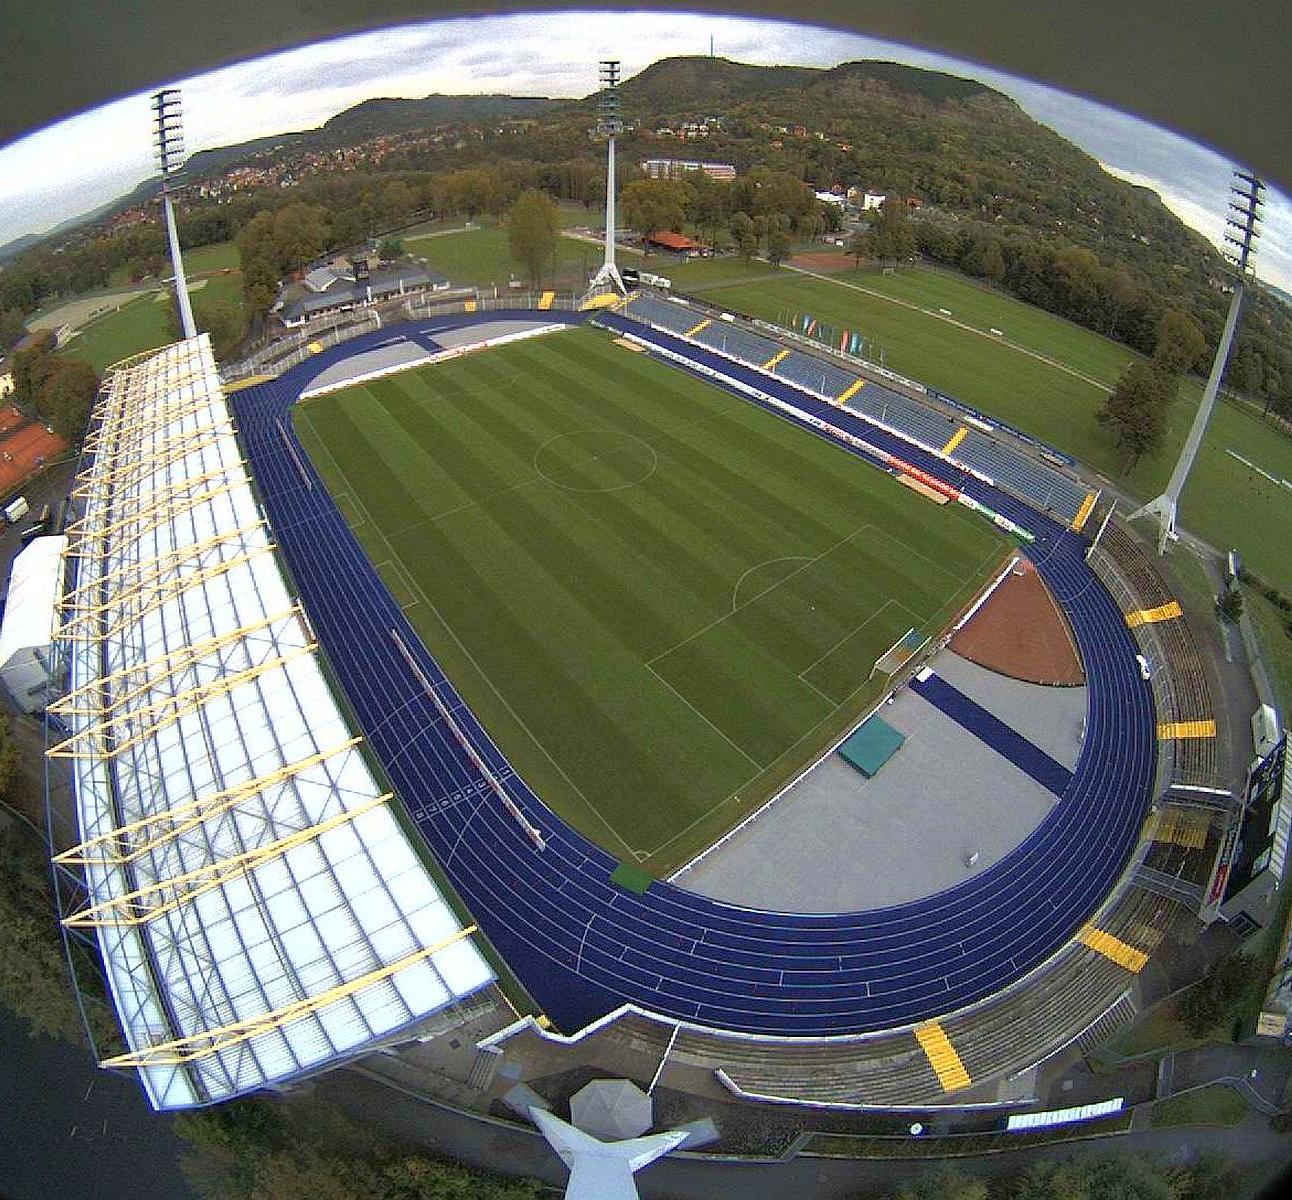 Neues Stadion Jena